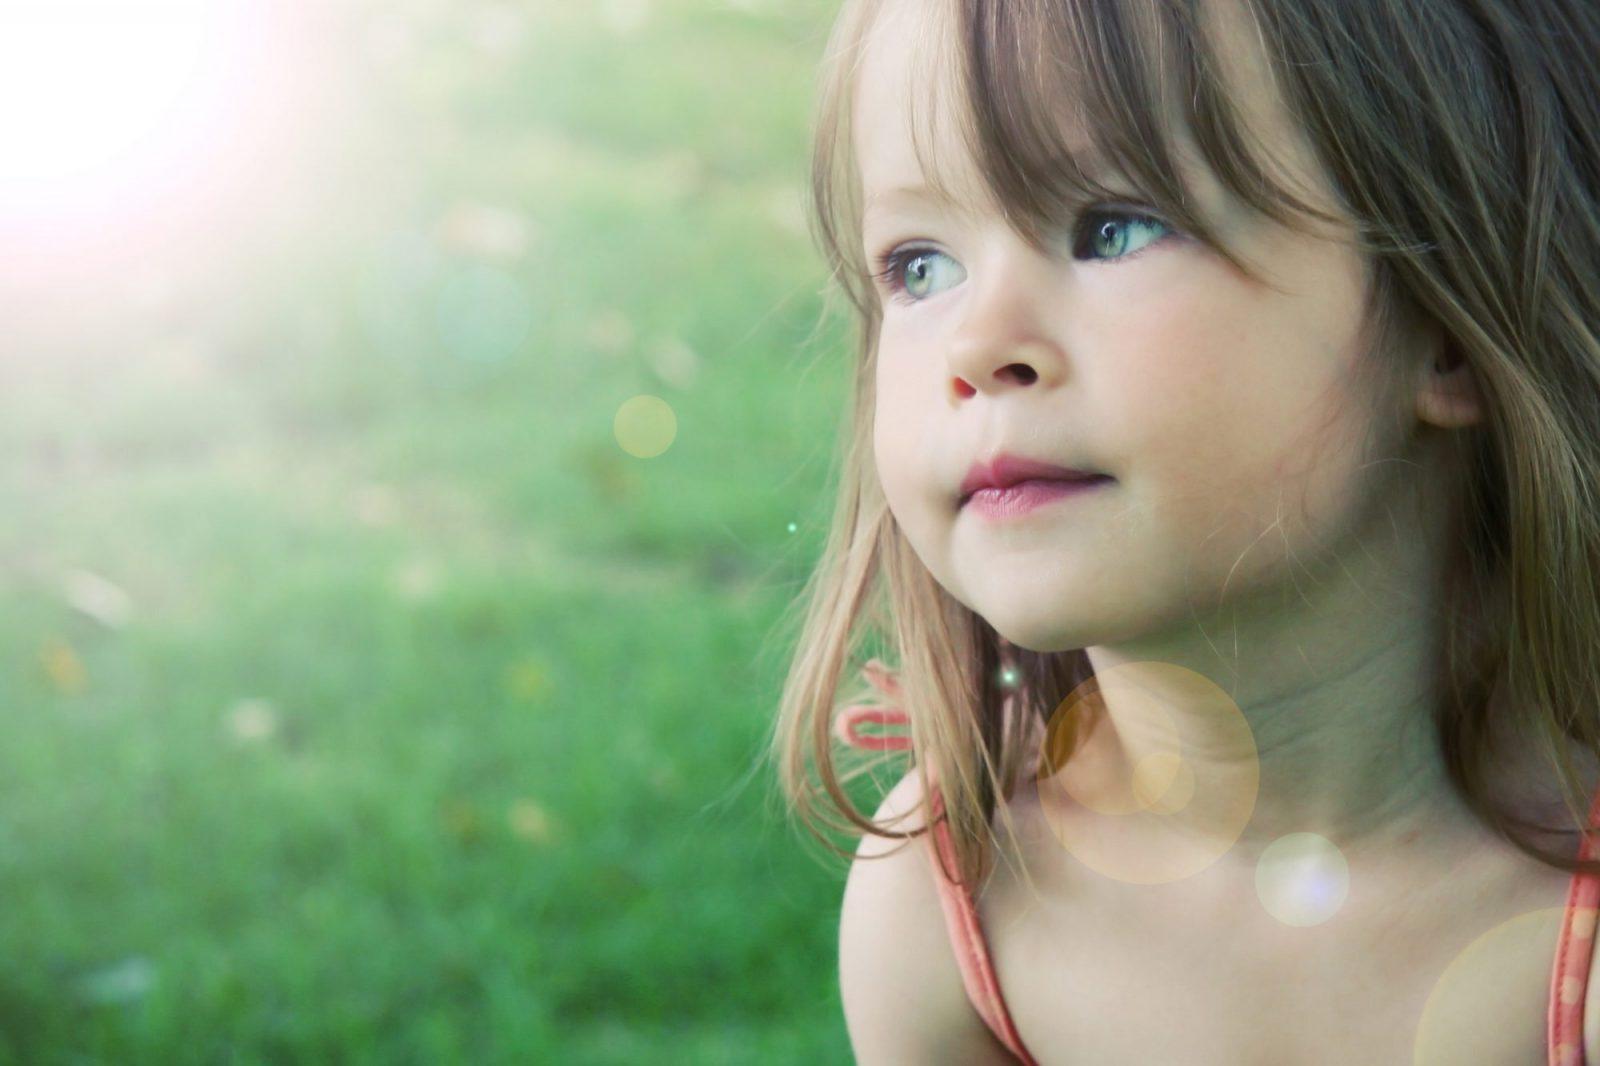 kind 5 jaar Hoe help je een onzeker kind van 4, 5 of 6 jaar oud? | Psychogoed kind 5 jaar